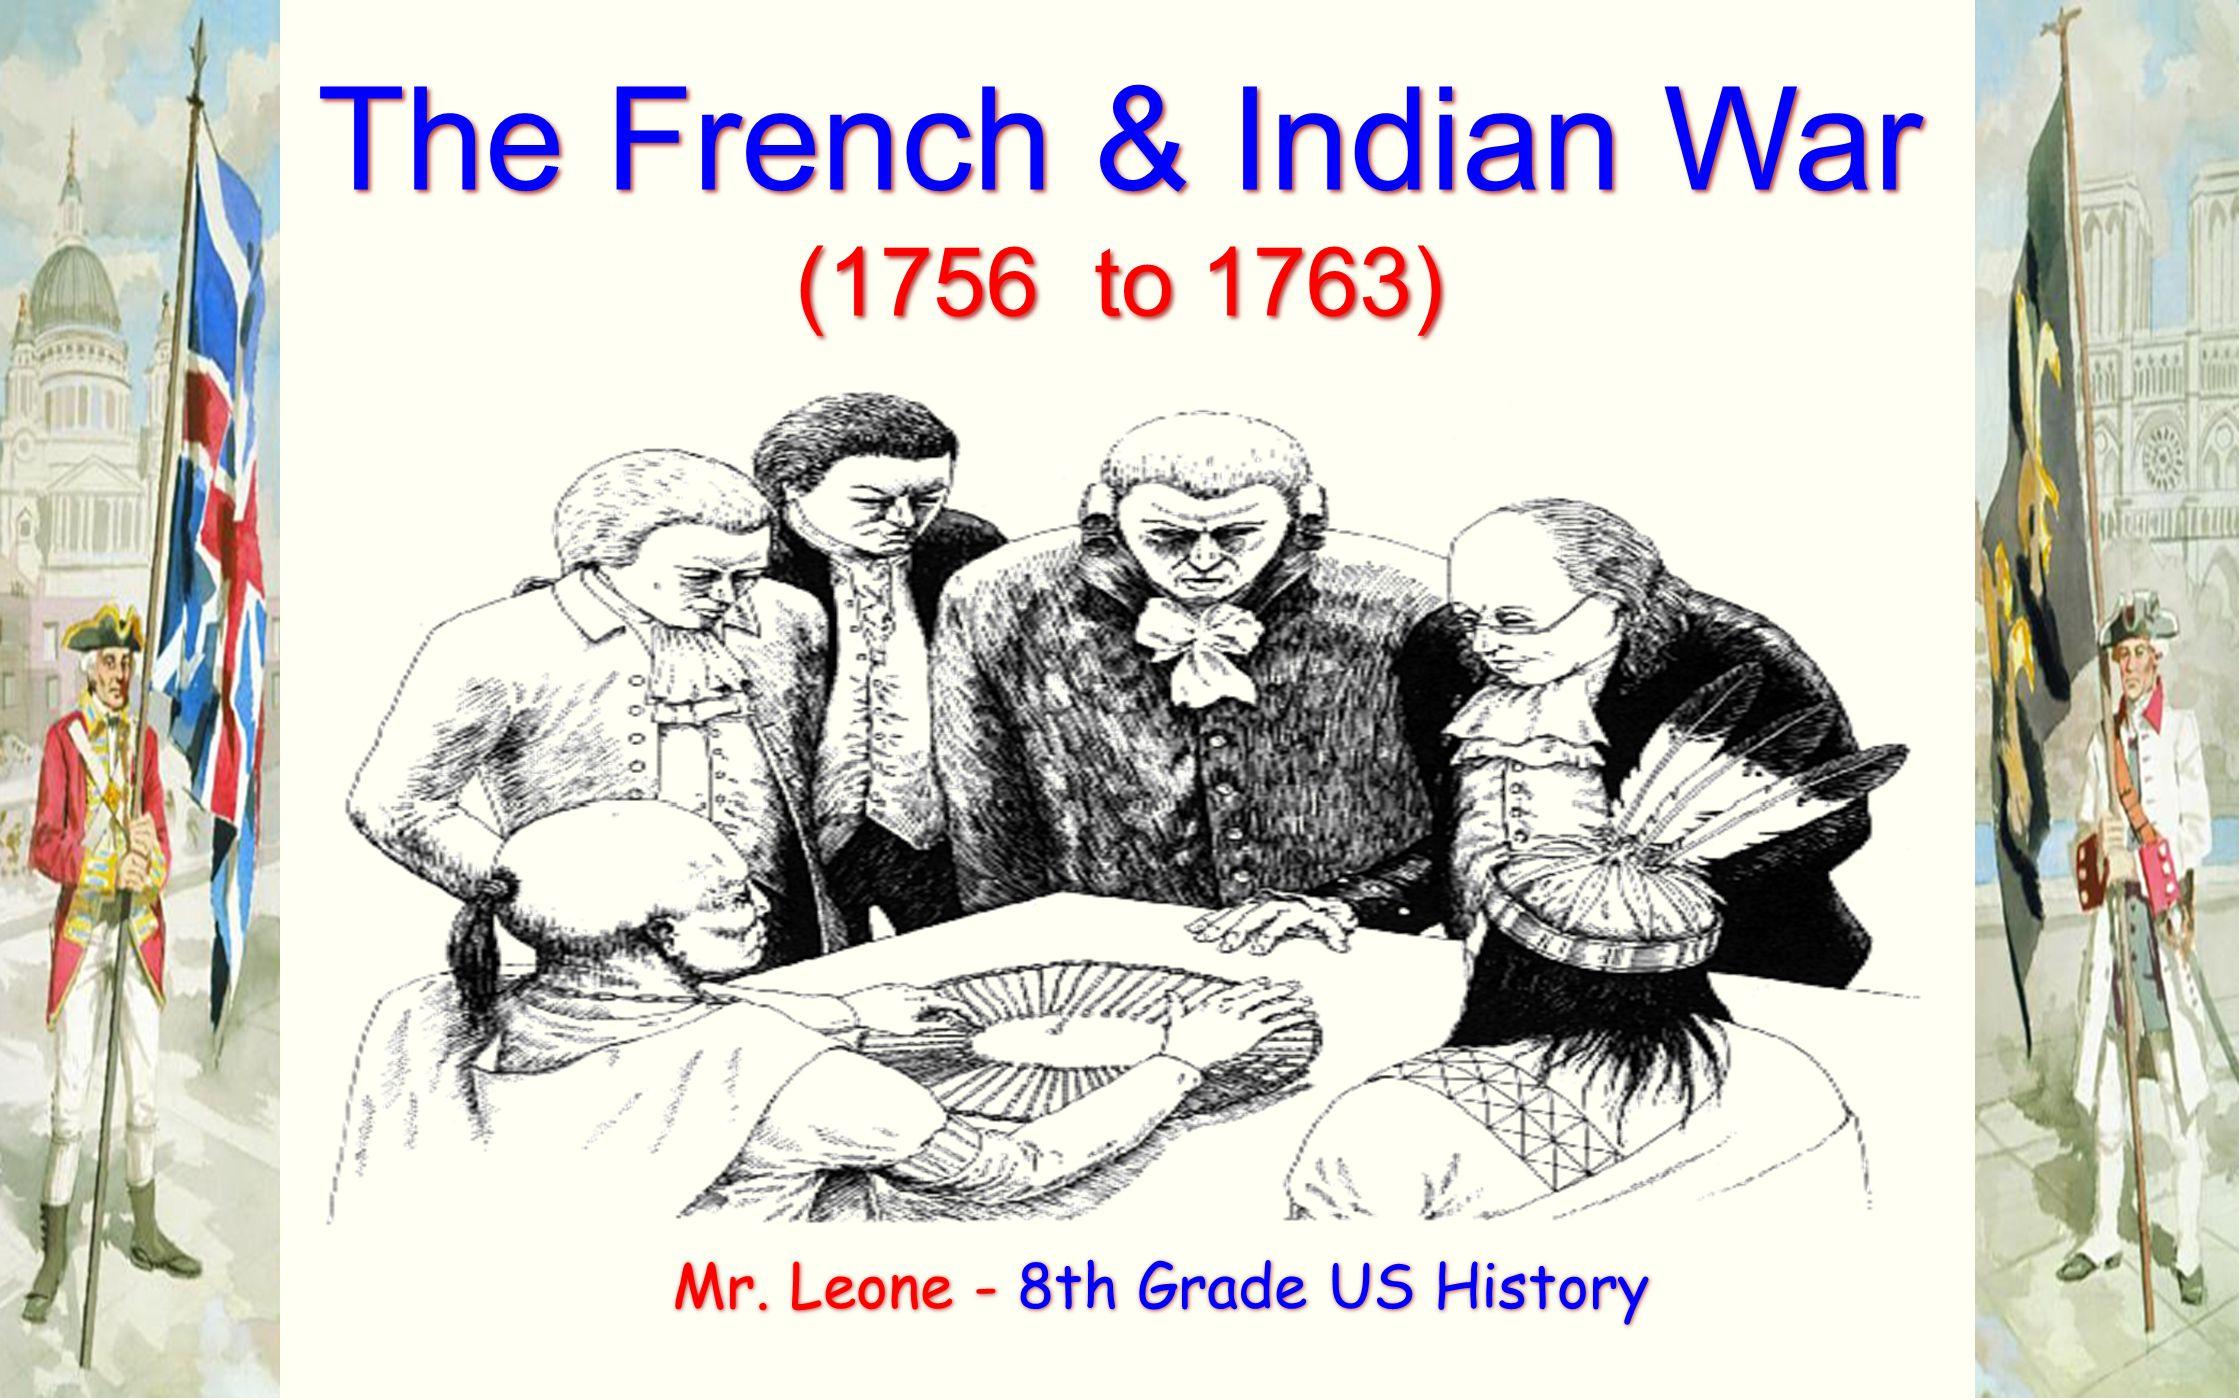 The French & Indian War (1756 to 1763) The French & Indian War (1756 to 1763) Mr. Leone - 8th Grade US History